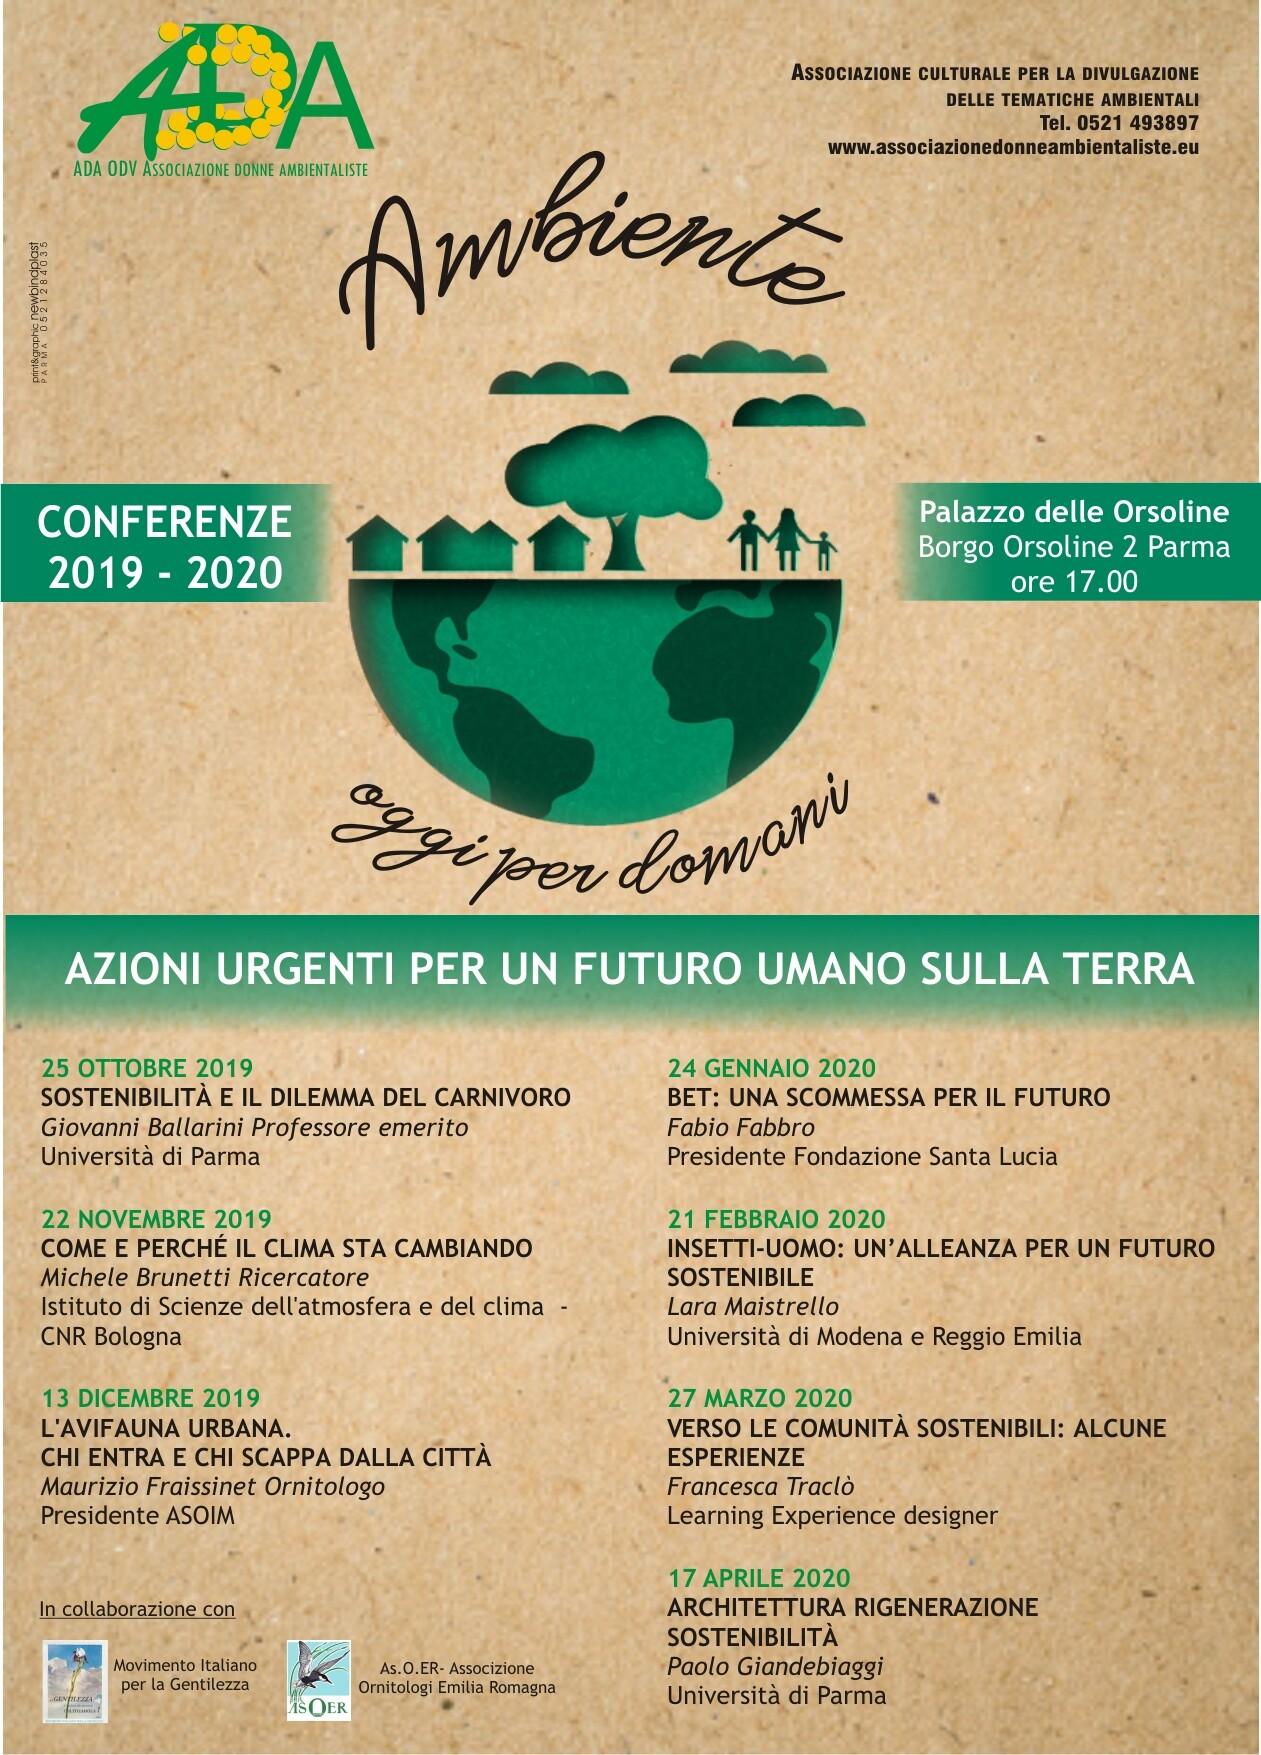 """""""Insetti-Uomo: un'alleanza per un futuro sostenibile"""" conferenza  di ADA associazione donne ambientaliste"""